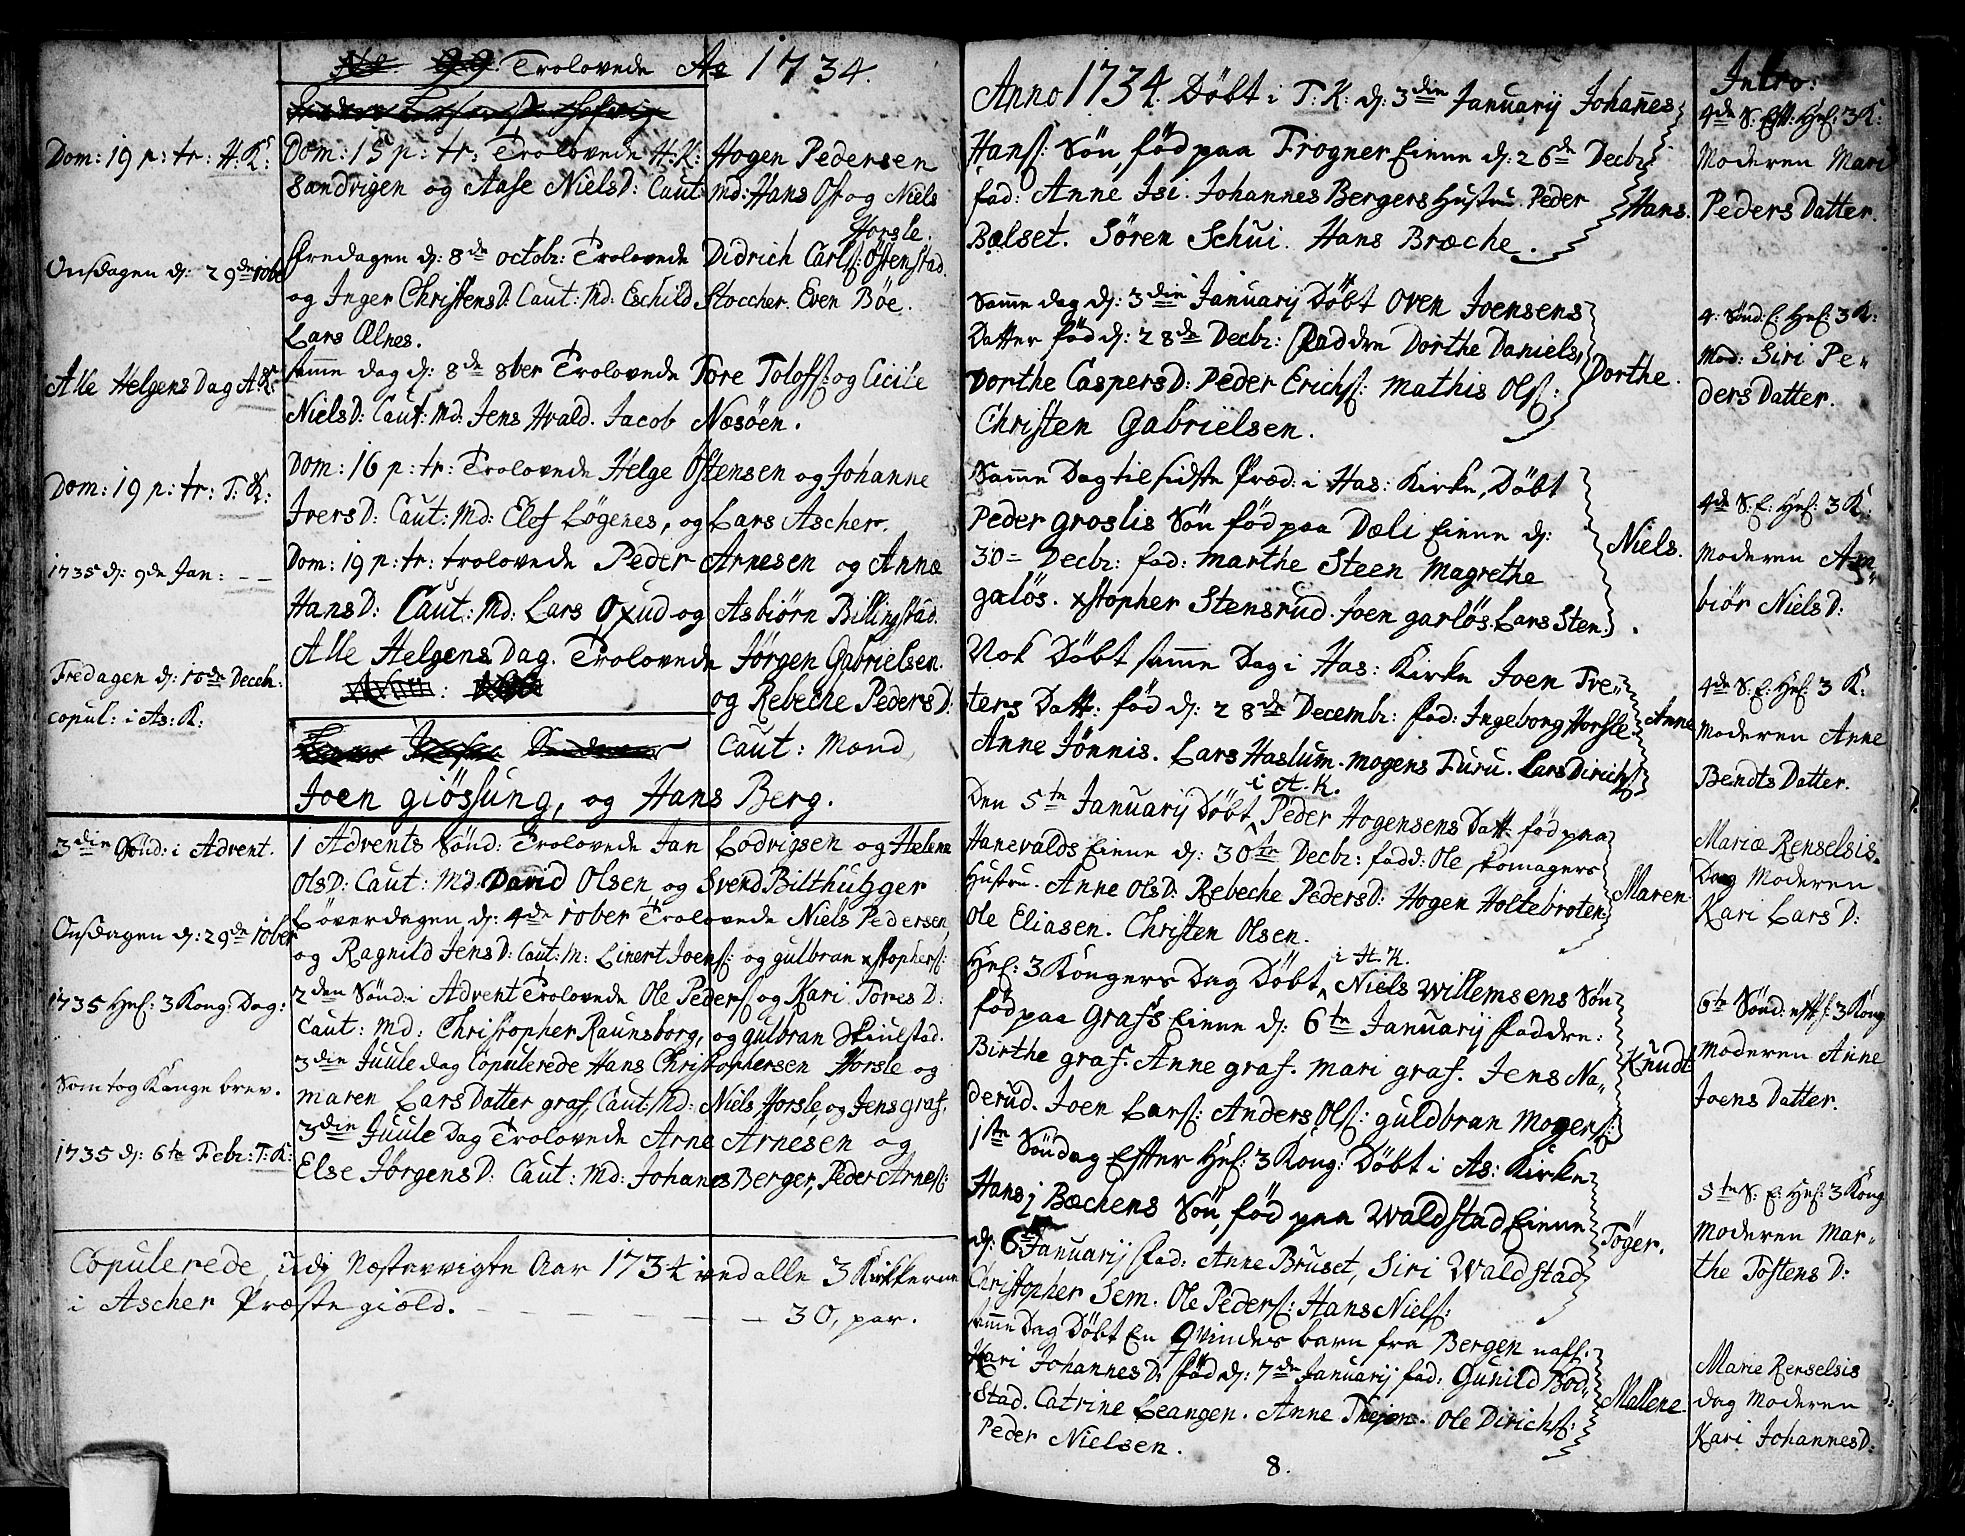 SAO, Asker prestekontor Kirkebøker, F/Fa/L0001: Ministerialbok nr. I 1, 1726-1744, s. 28